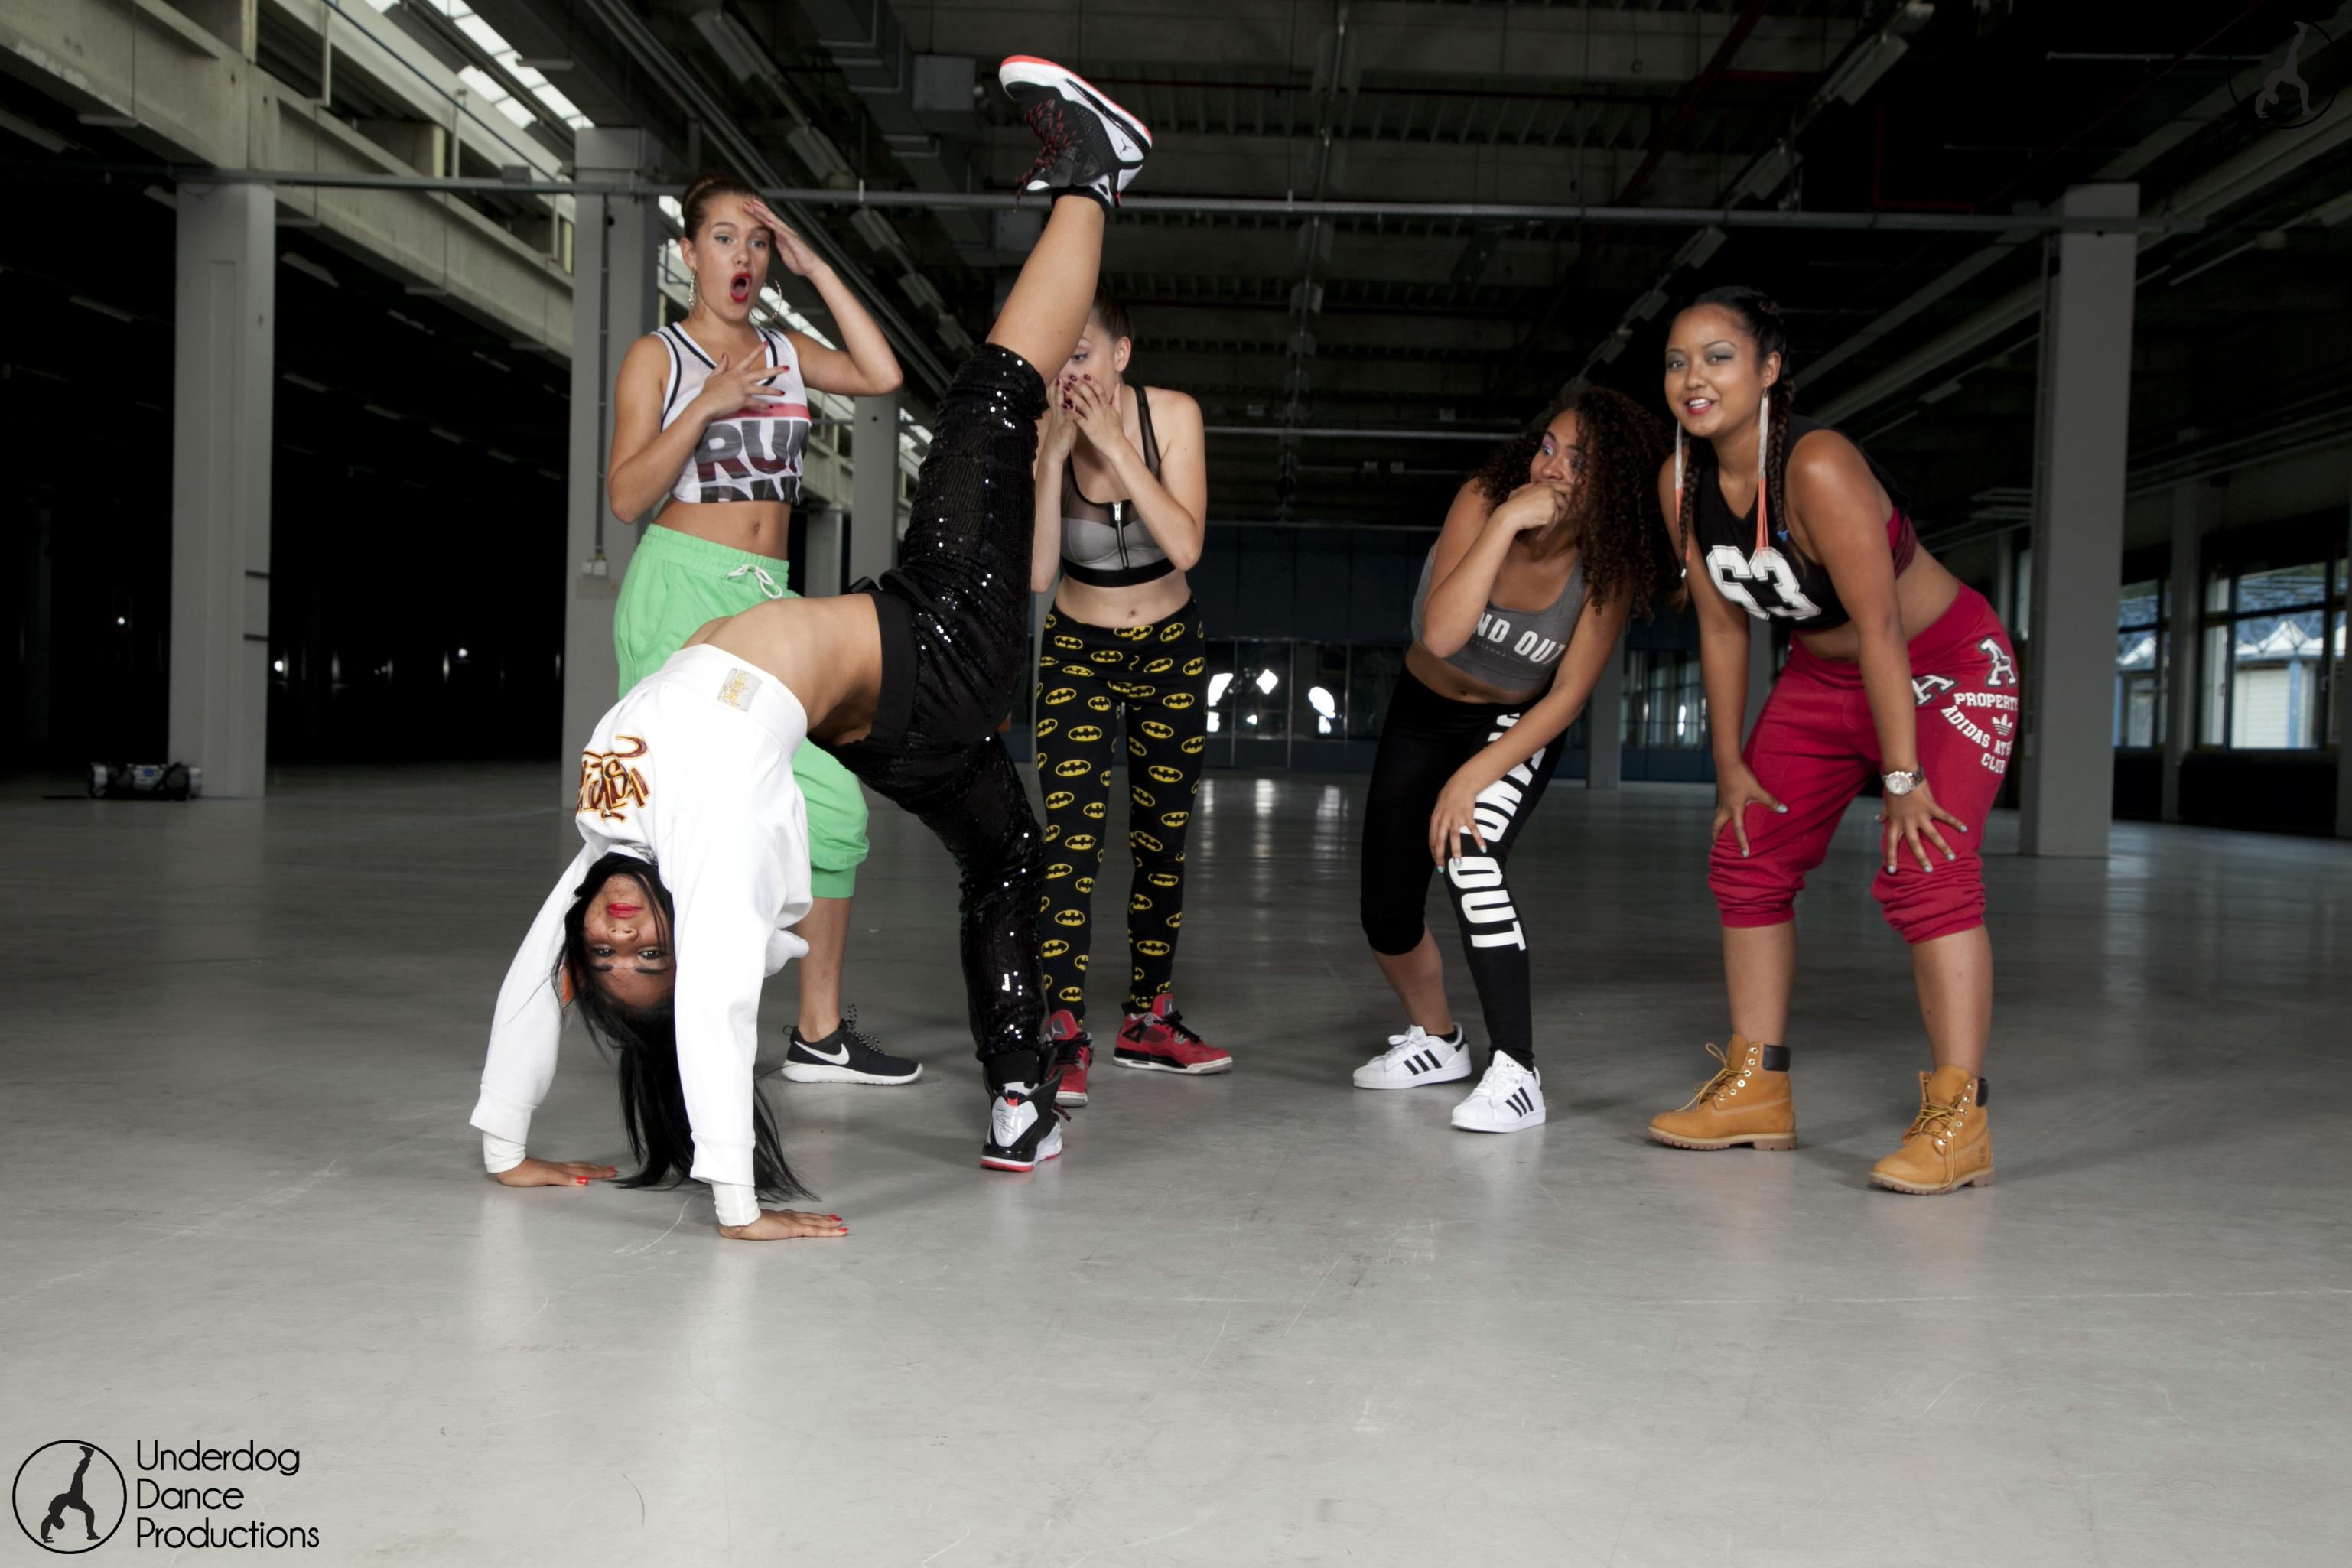 HipHop dansles in Arnhem? Ontdek hier wat Hiphop echt is!